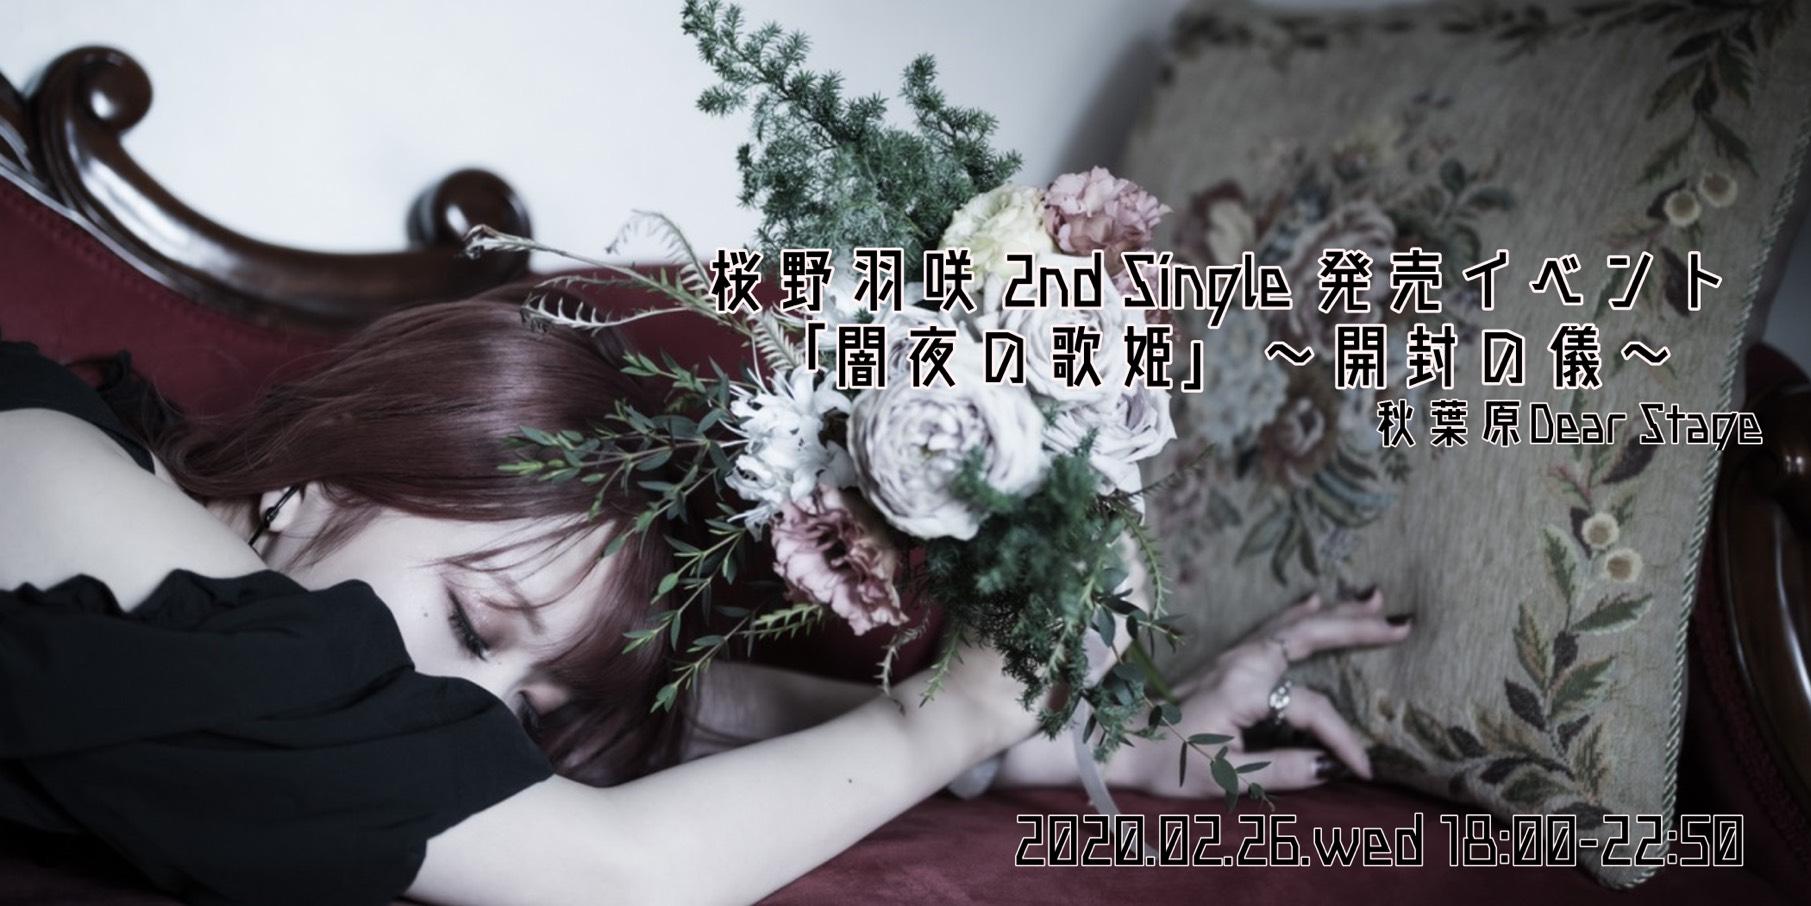 桜野羽咲 2nd Single 発売イベント「闇夜の歌姫」~開封の儀~